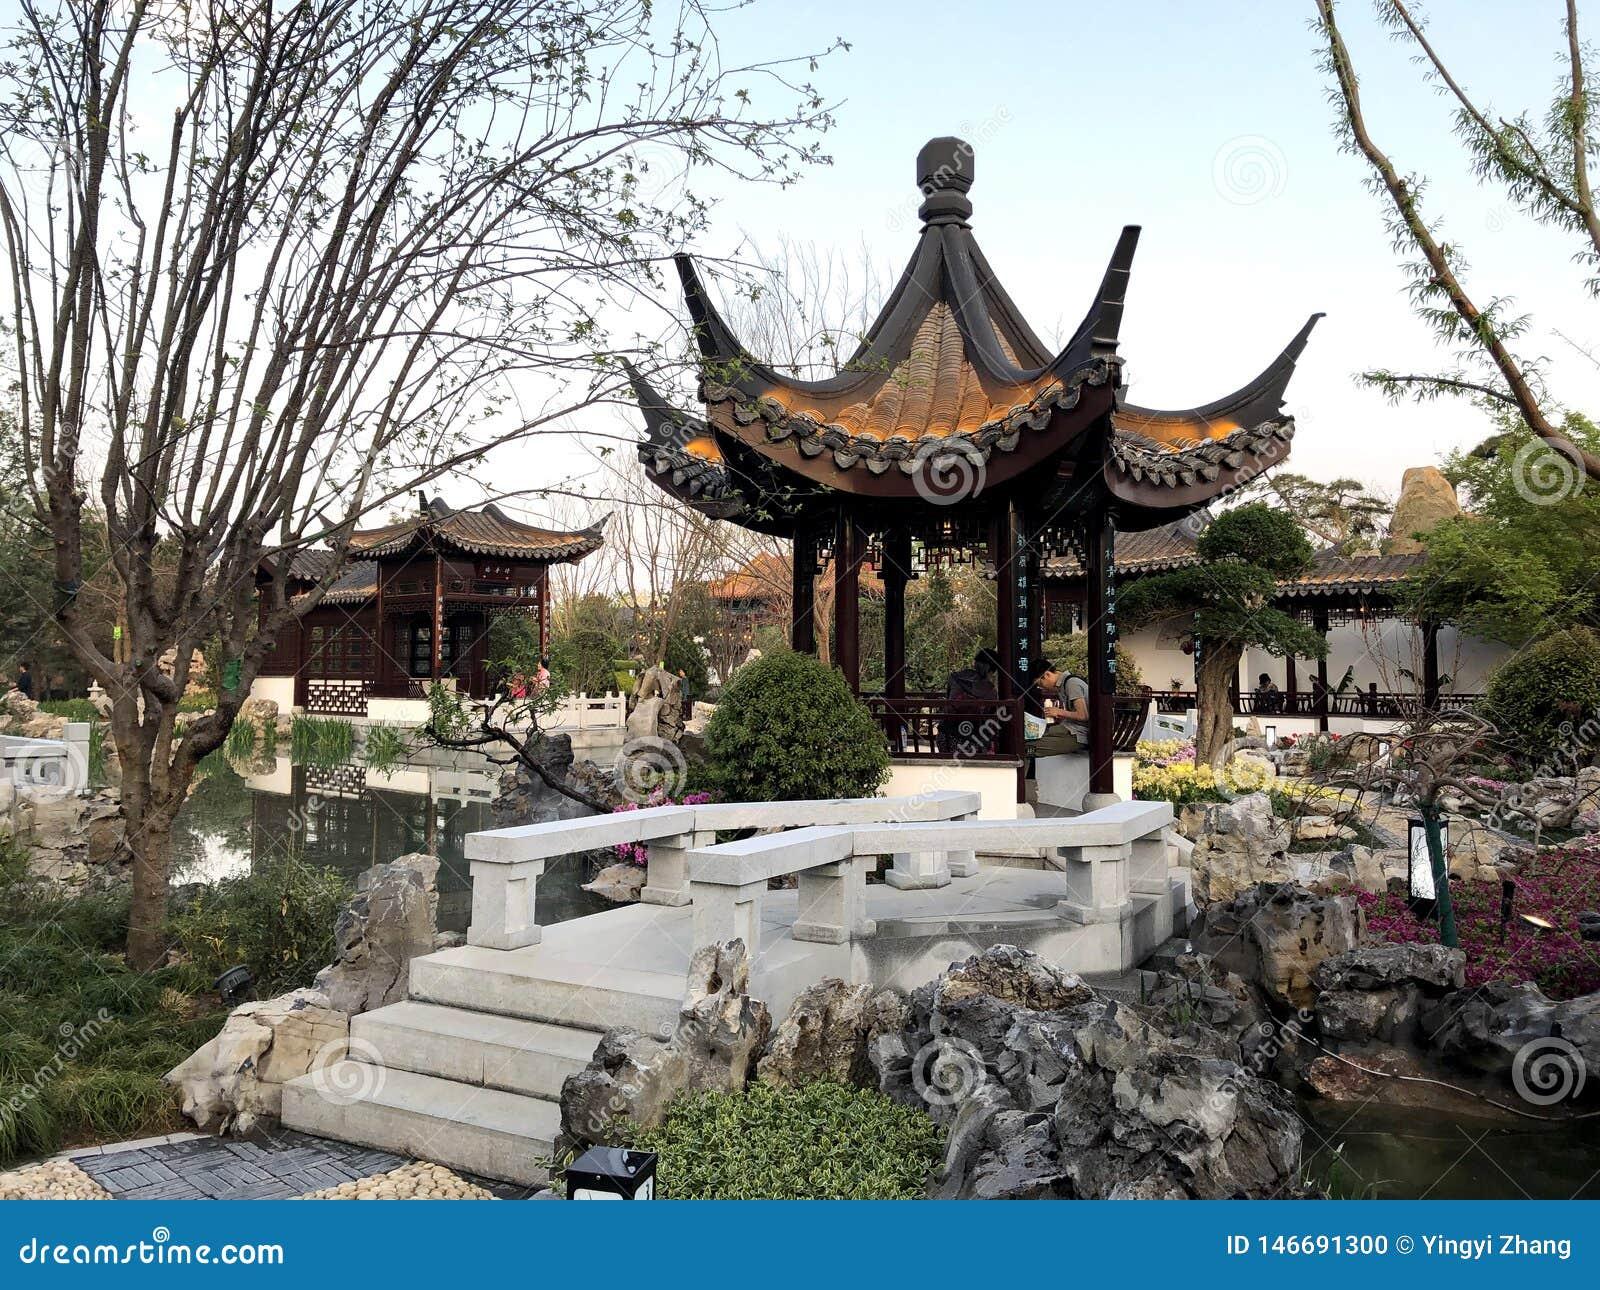 Giardino classico cinese, architetture cinesi, cultura cinese, esposizione orticola internazionale 2019 di Pechino